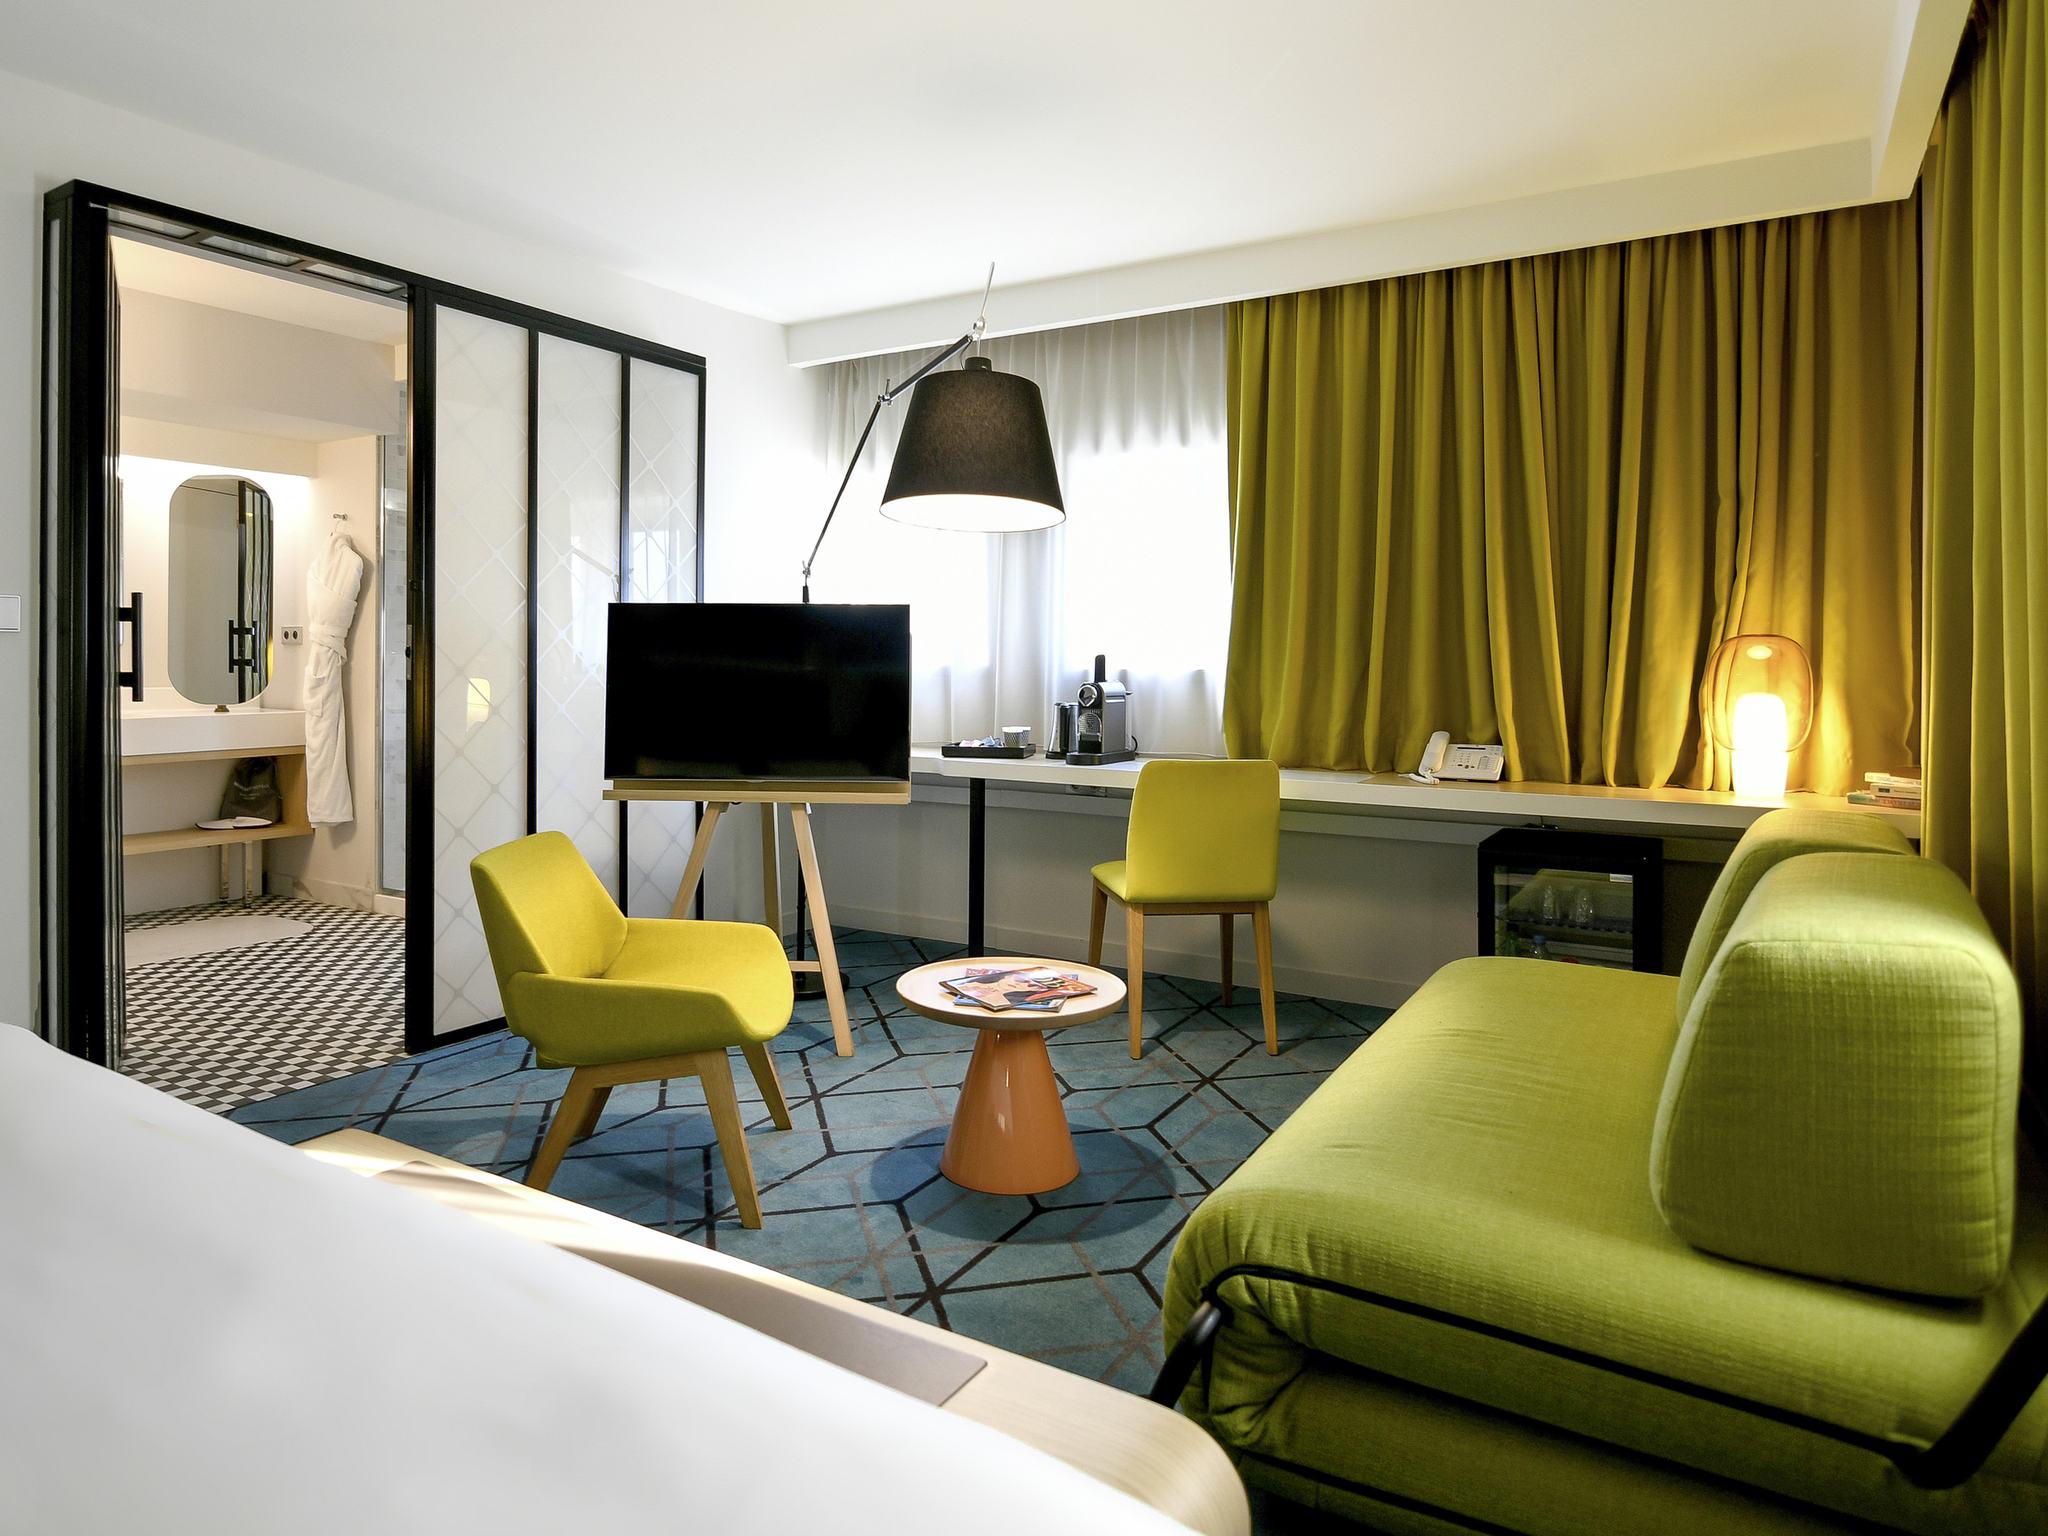 Hotel – Hotel Mercure Nantes Centre Gare